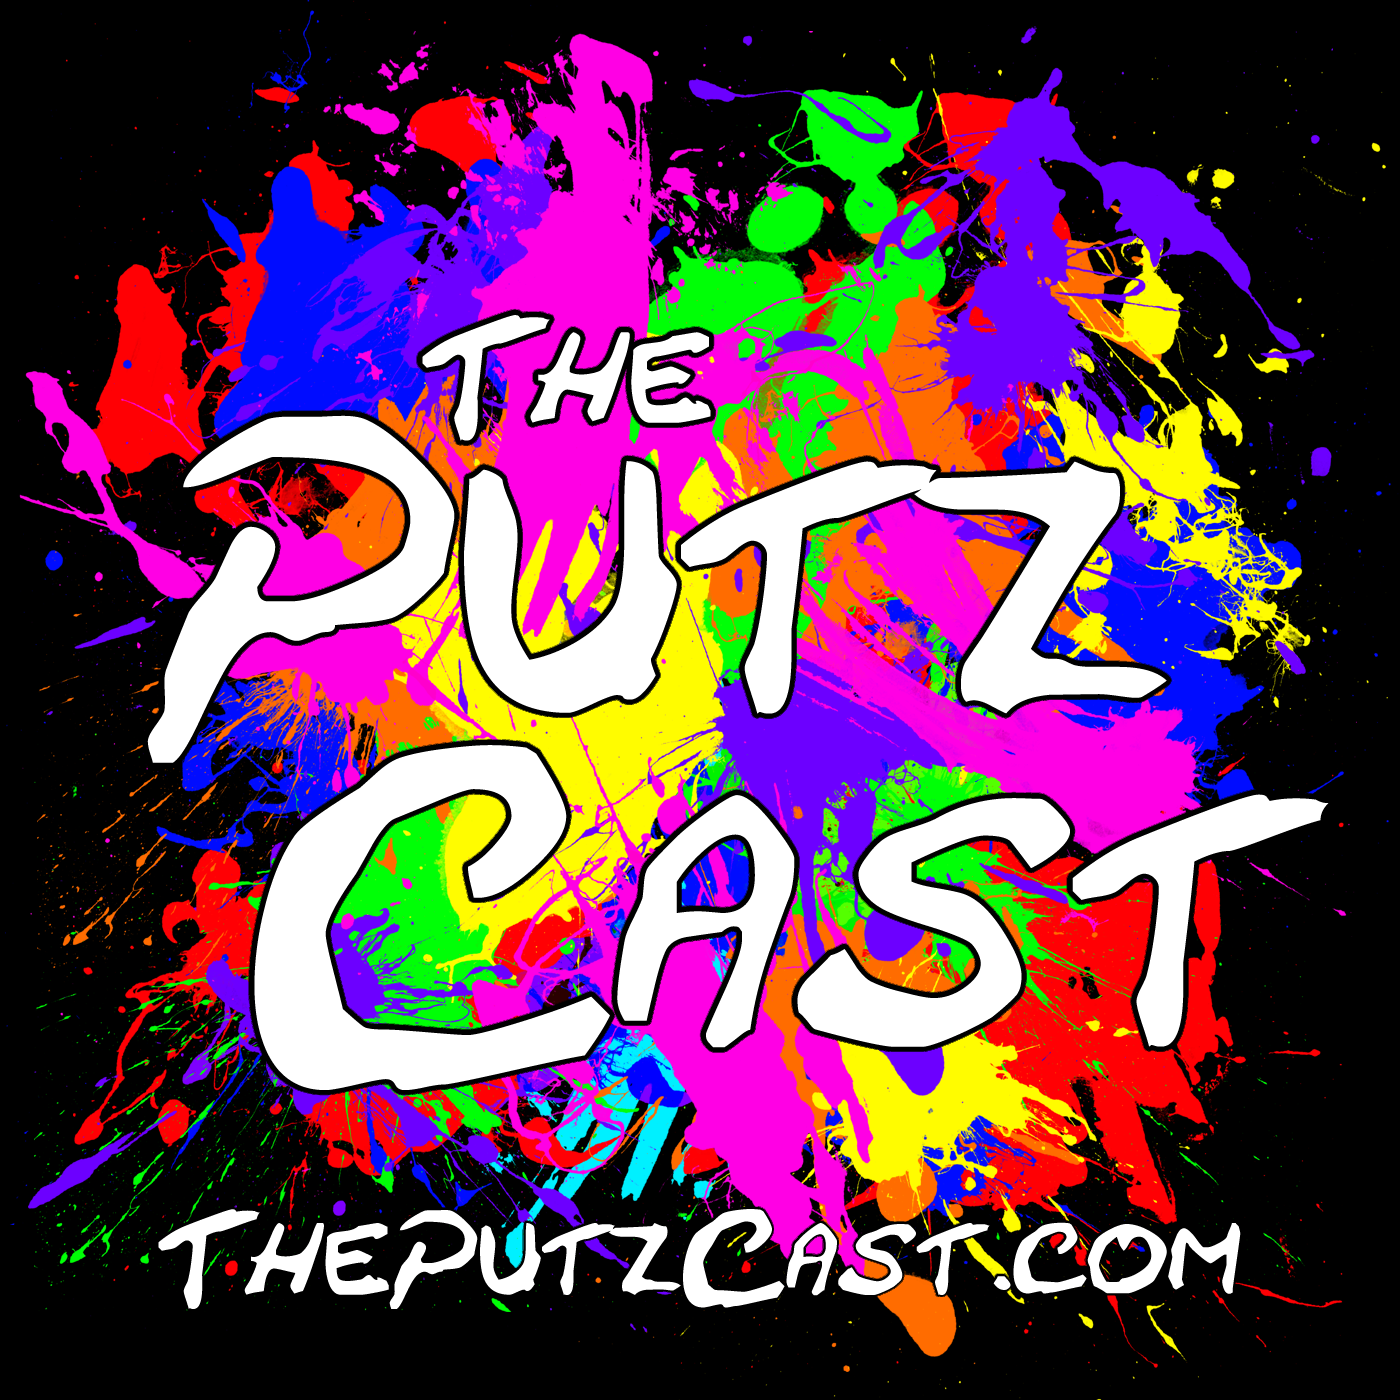 The PutzCast Podcast show art